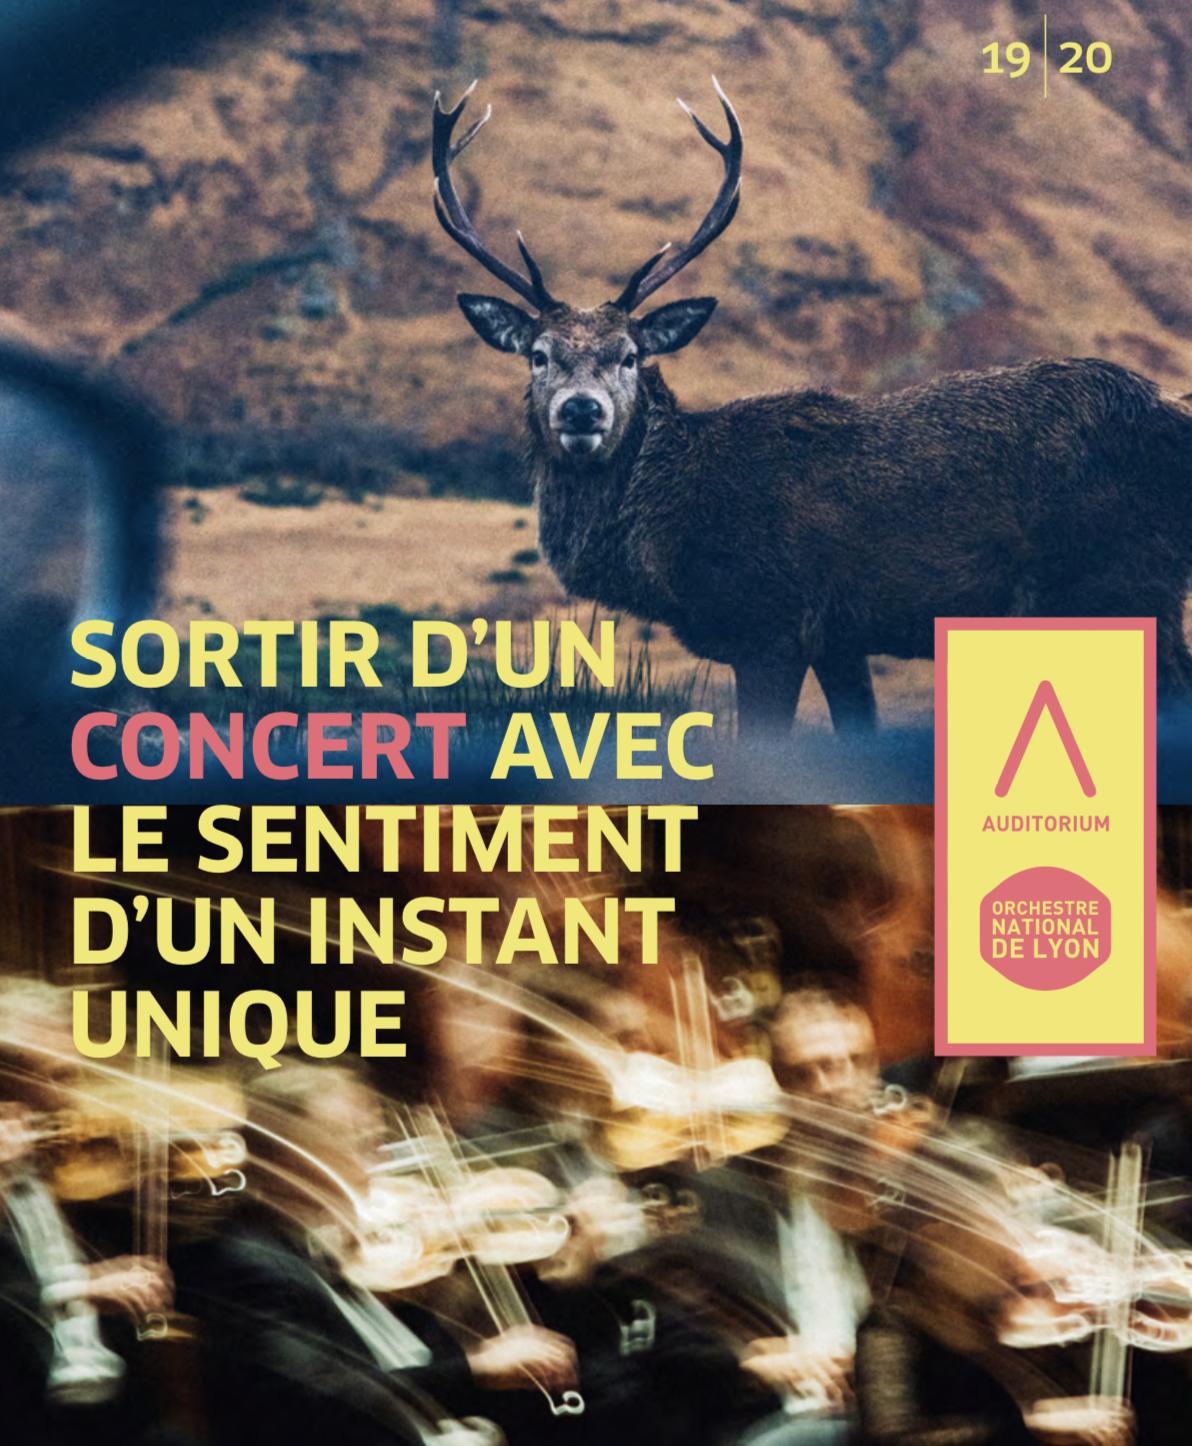 L'Auditorium de Lyon met Beethoven à l'honneur pour sa saison 2019-2020